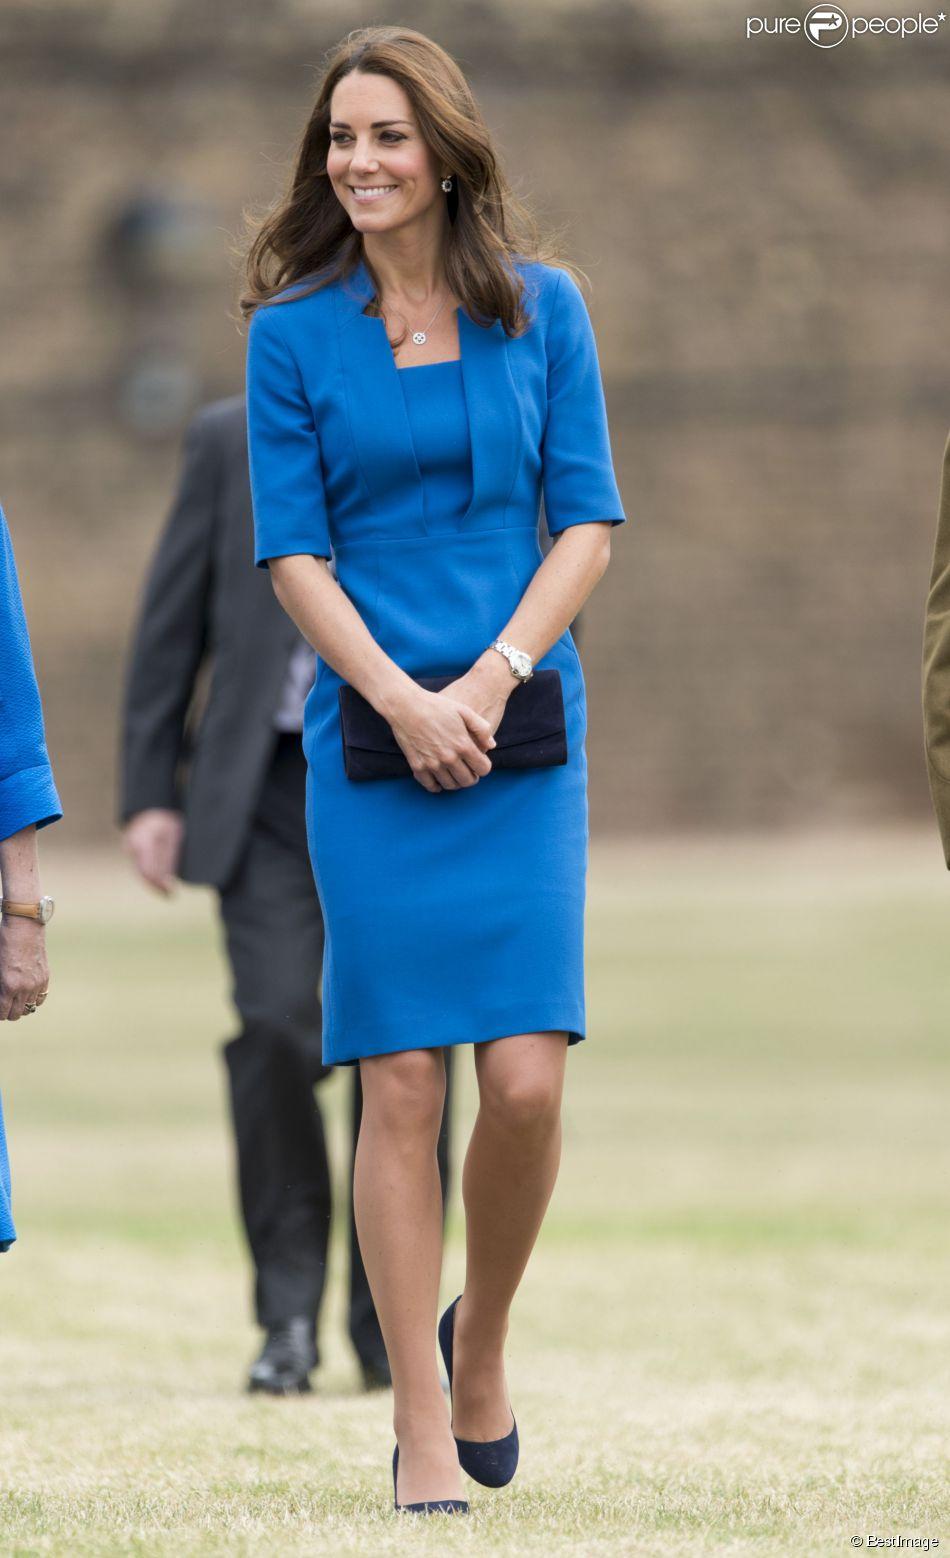 Kate Middleton lors de sa dernière mission officielle avant l'annonce de sa grossesse, le 5 août 2014 à la Tour de Londres.